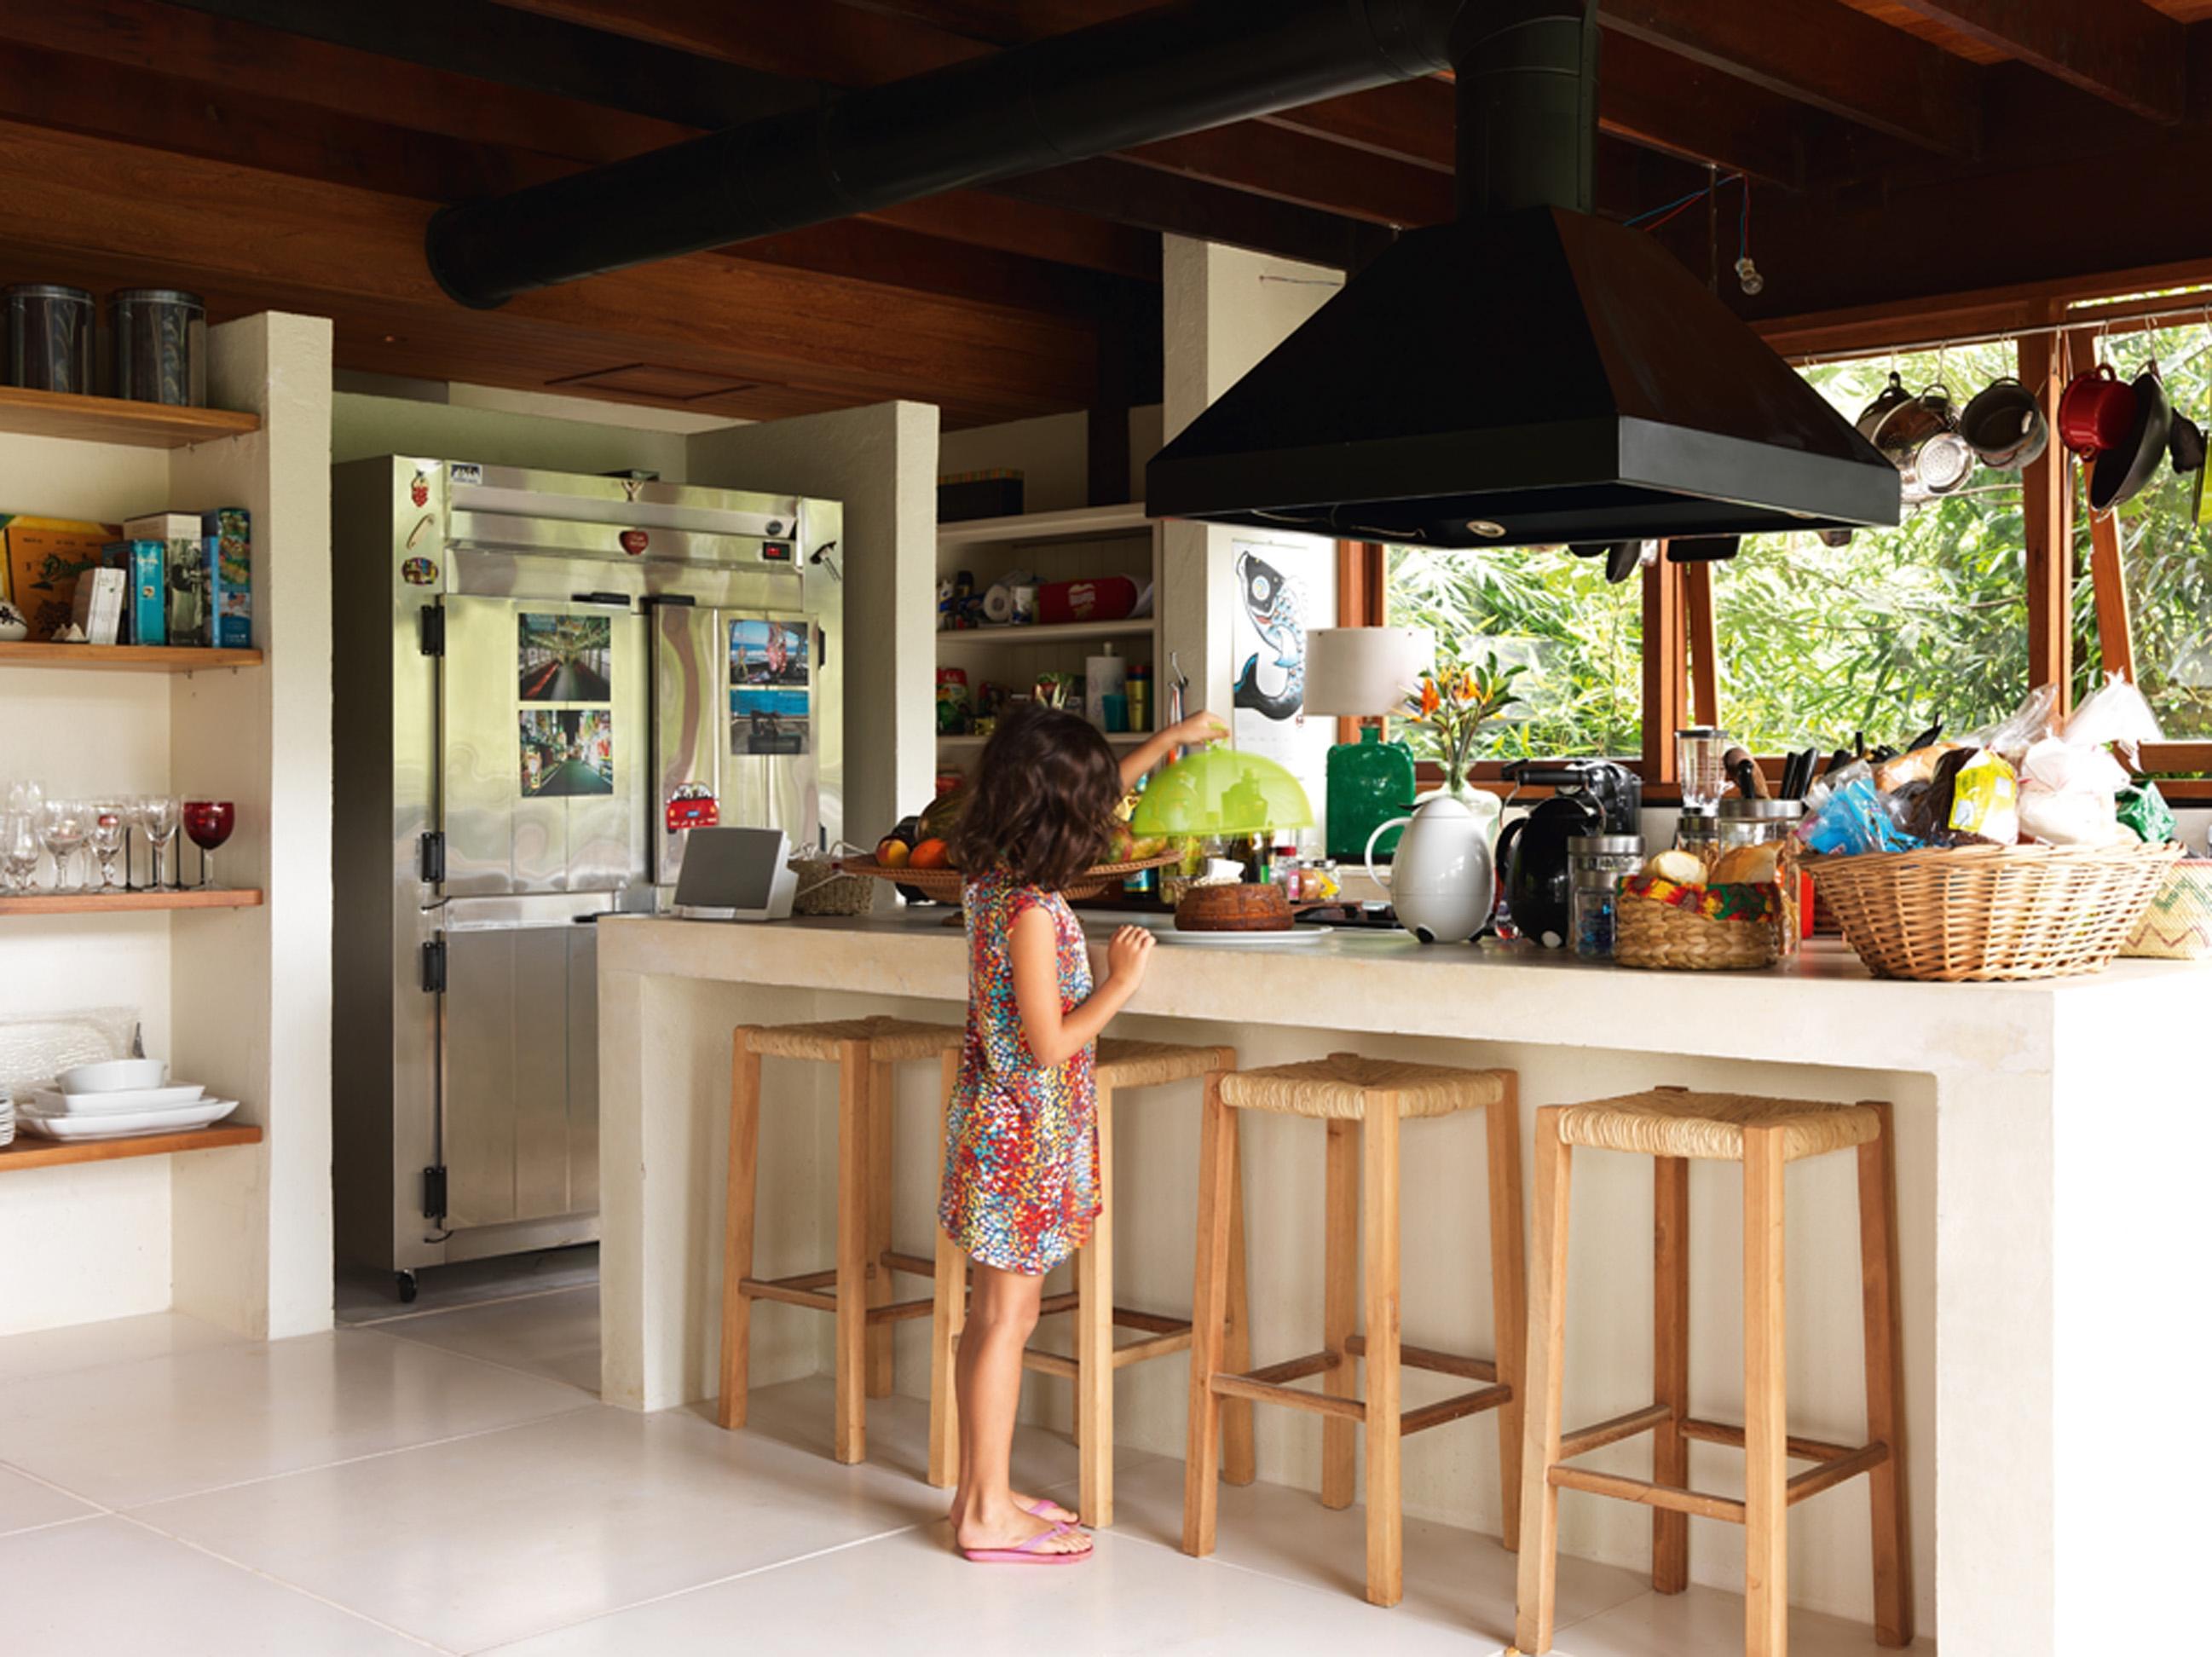 Para todos:  A cozinha é toda aberta e garante a integração dos cozinheiros com o restante da família e dos amigos. A geladeira industrial foi comprada na rua Paula Souza, em São Paulo